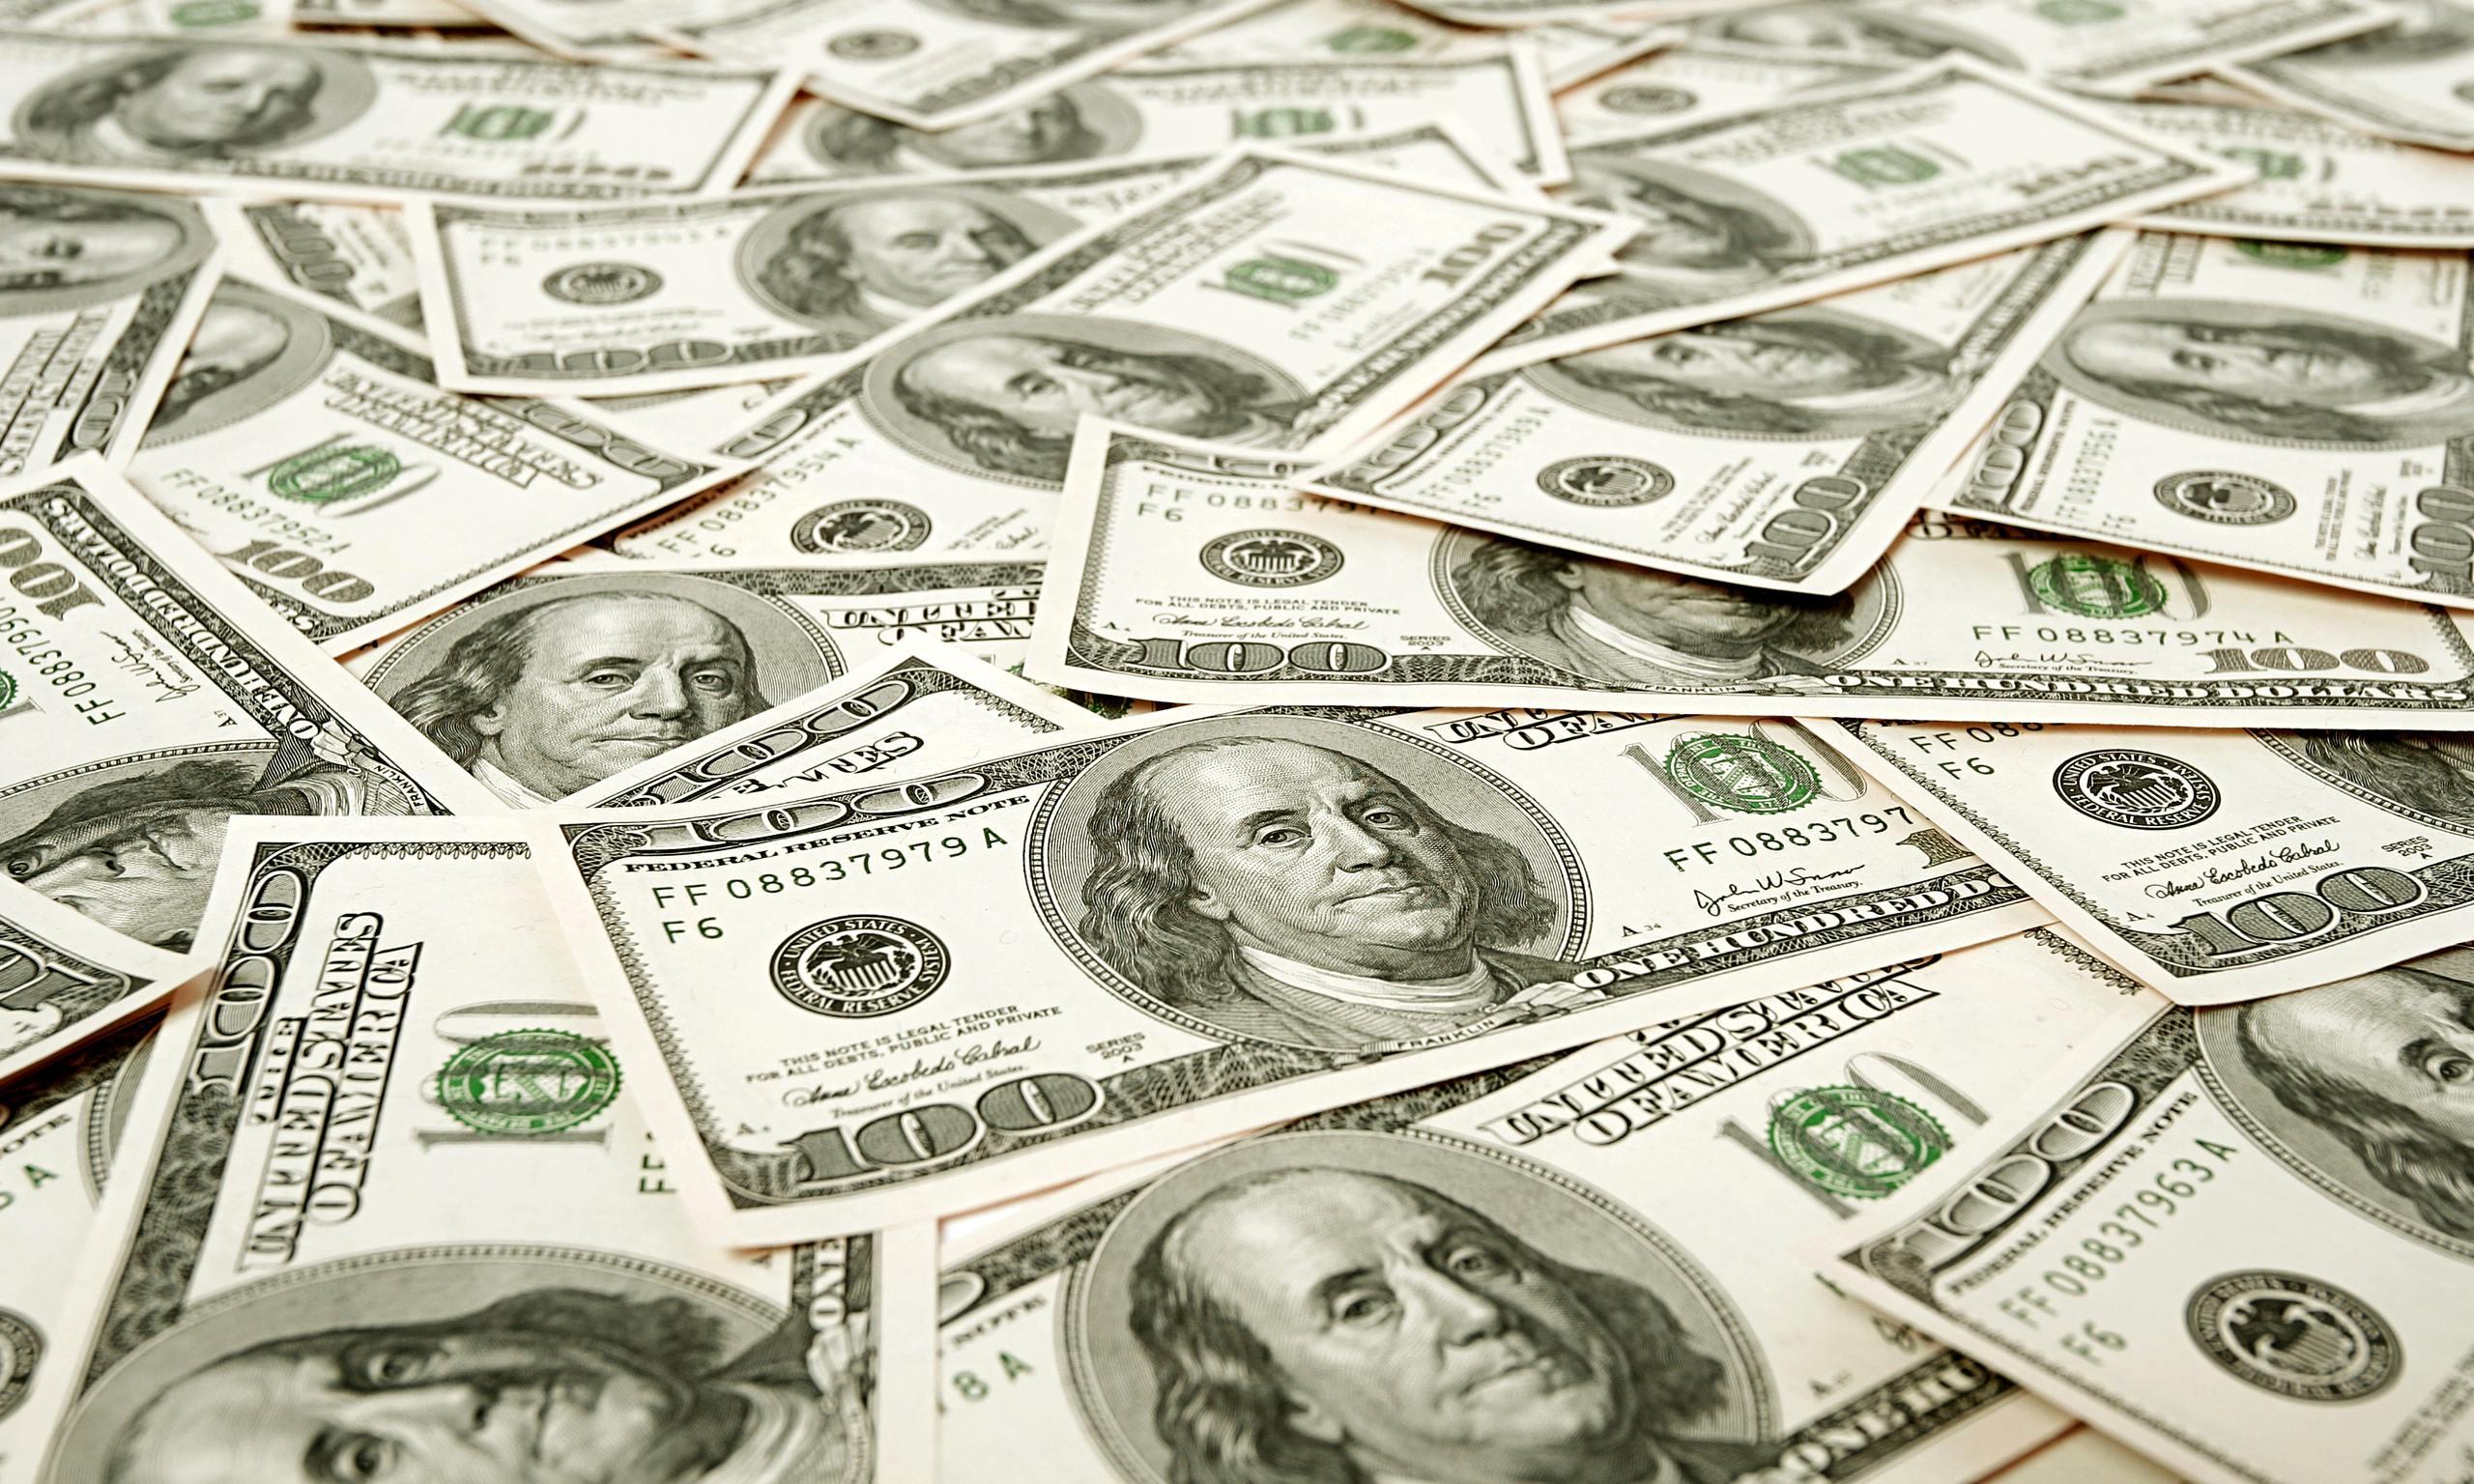 سعر الدولار اليوم الاثنين 10102016 في السوق السوداء ميكساتك